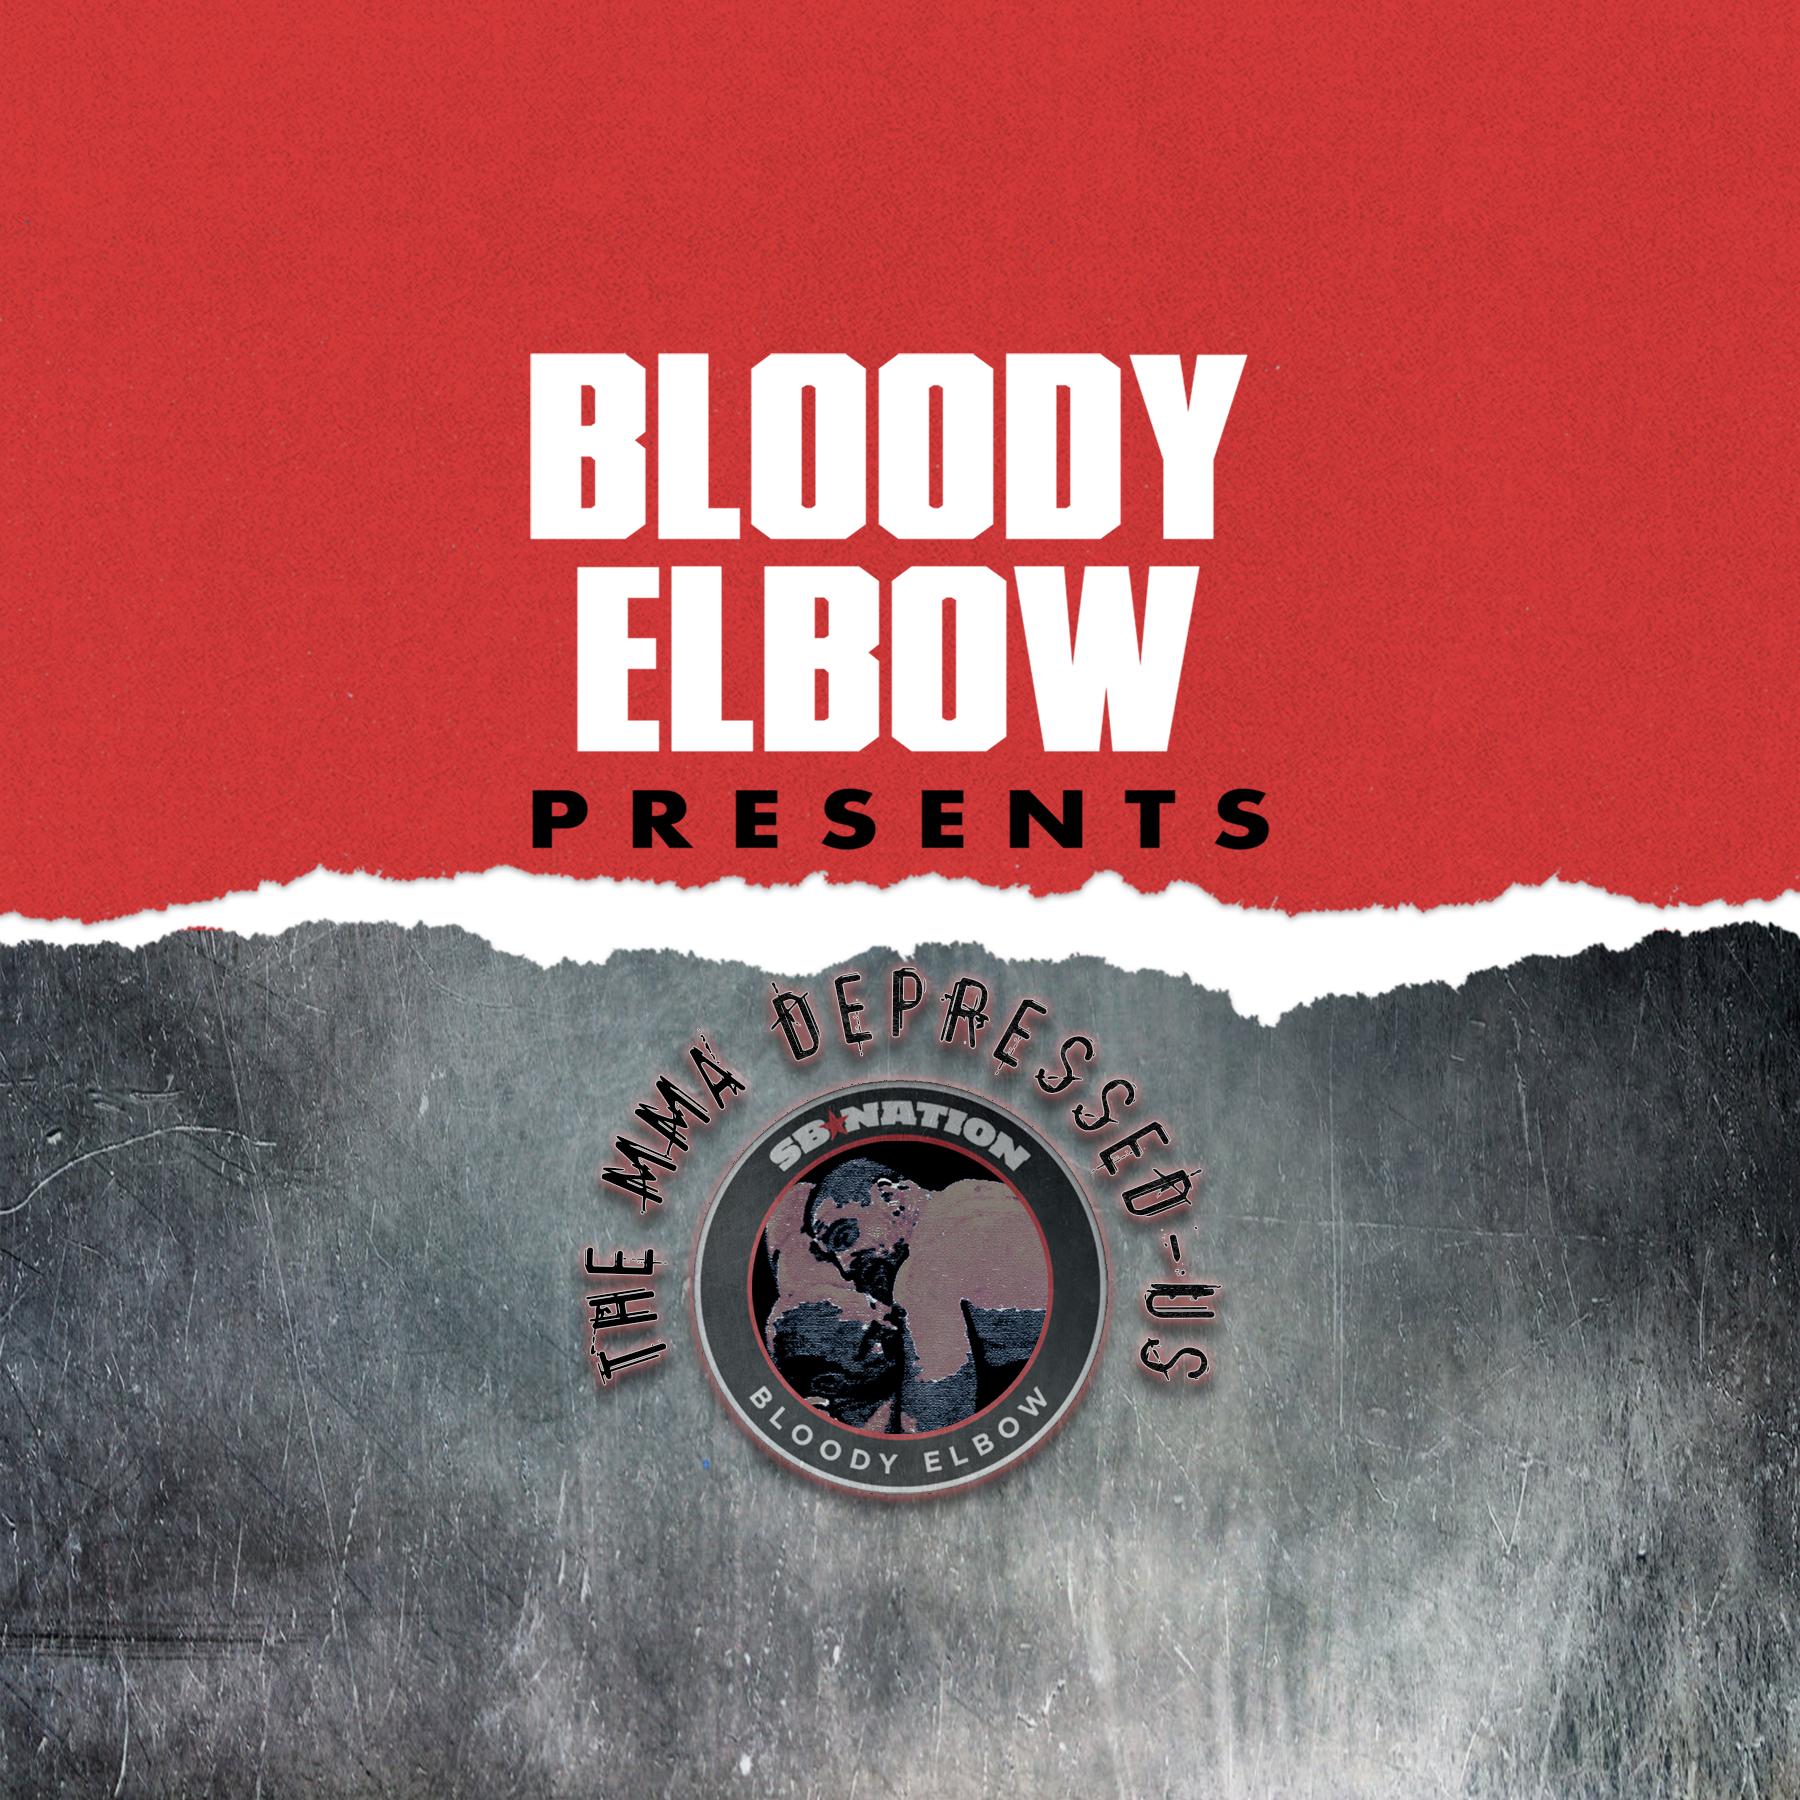 MMA Depressed-Us, Josh Koscheck, Paul Daley, Zane Simon, Connor Ruebusch, Phil Mackenzie, MMA Podcast, MMA History